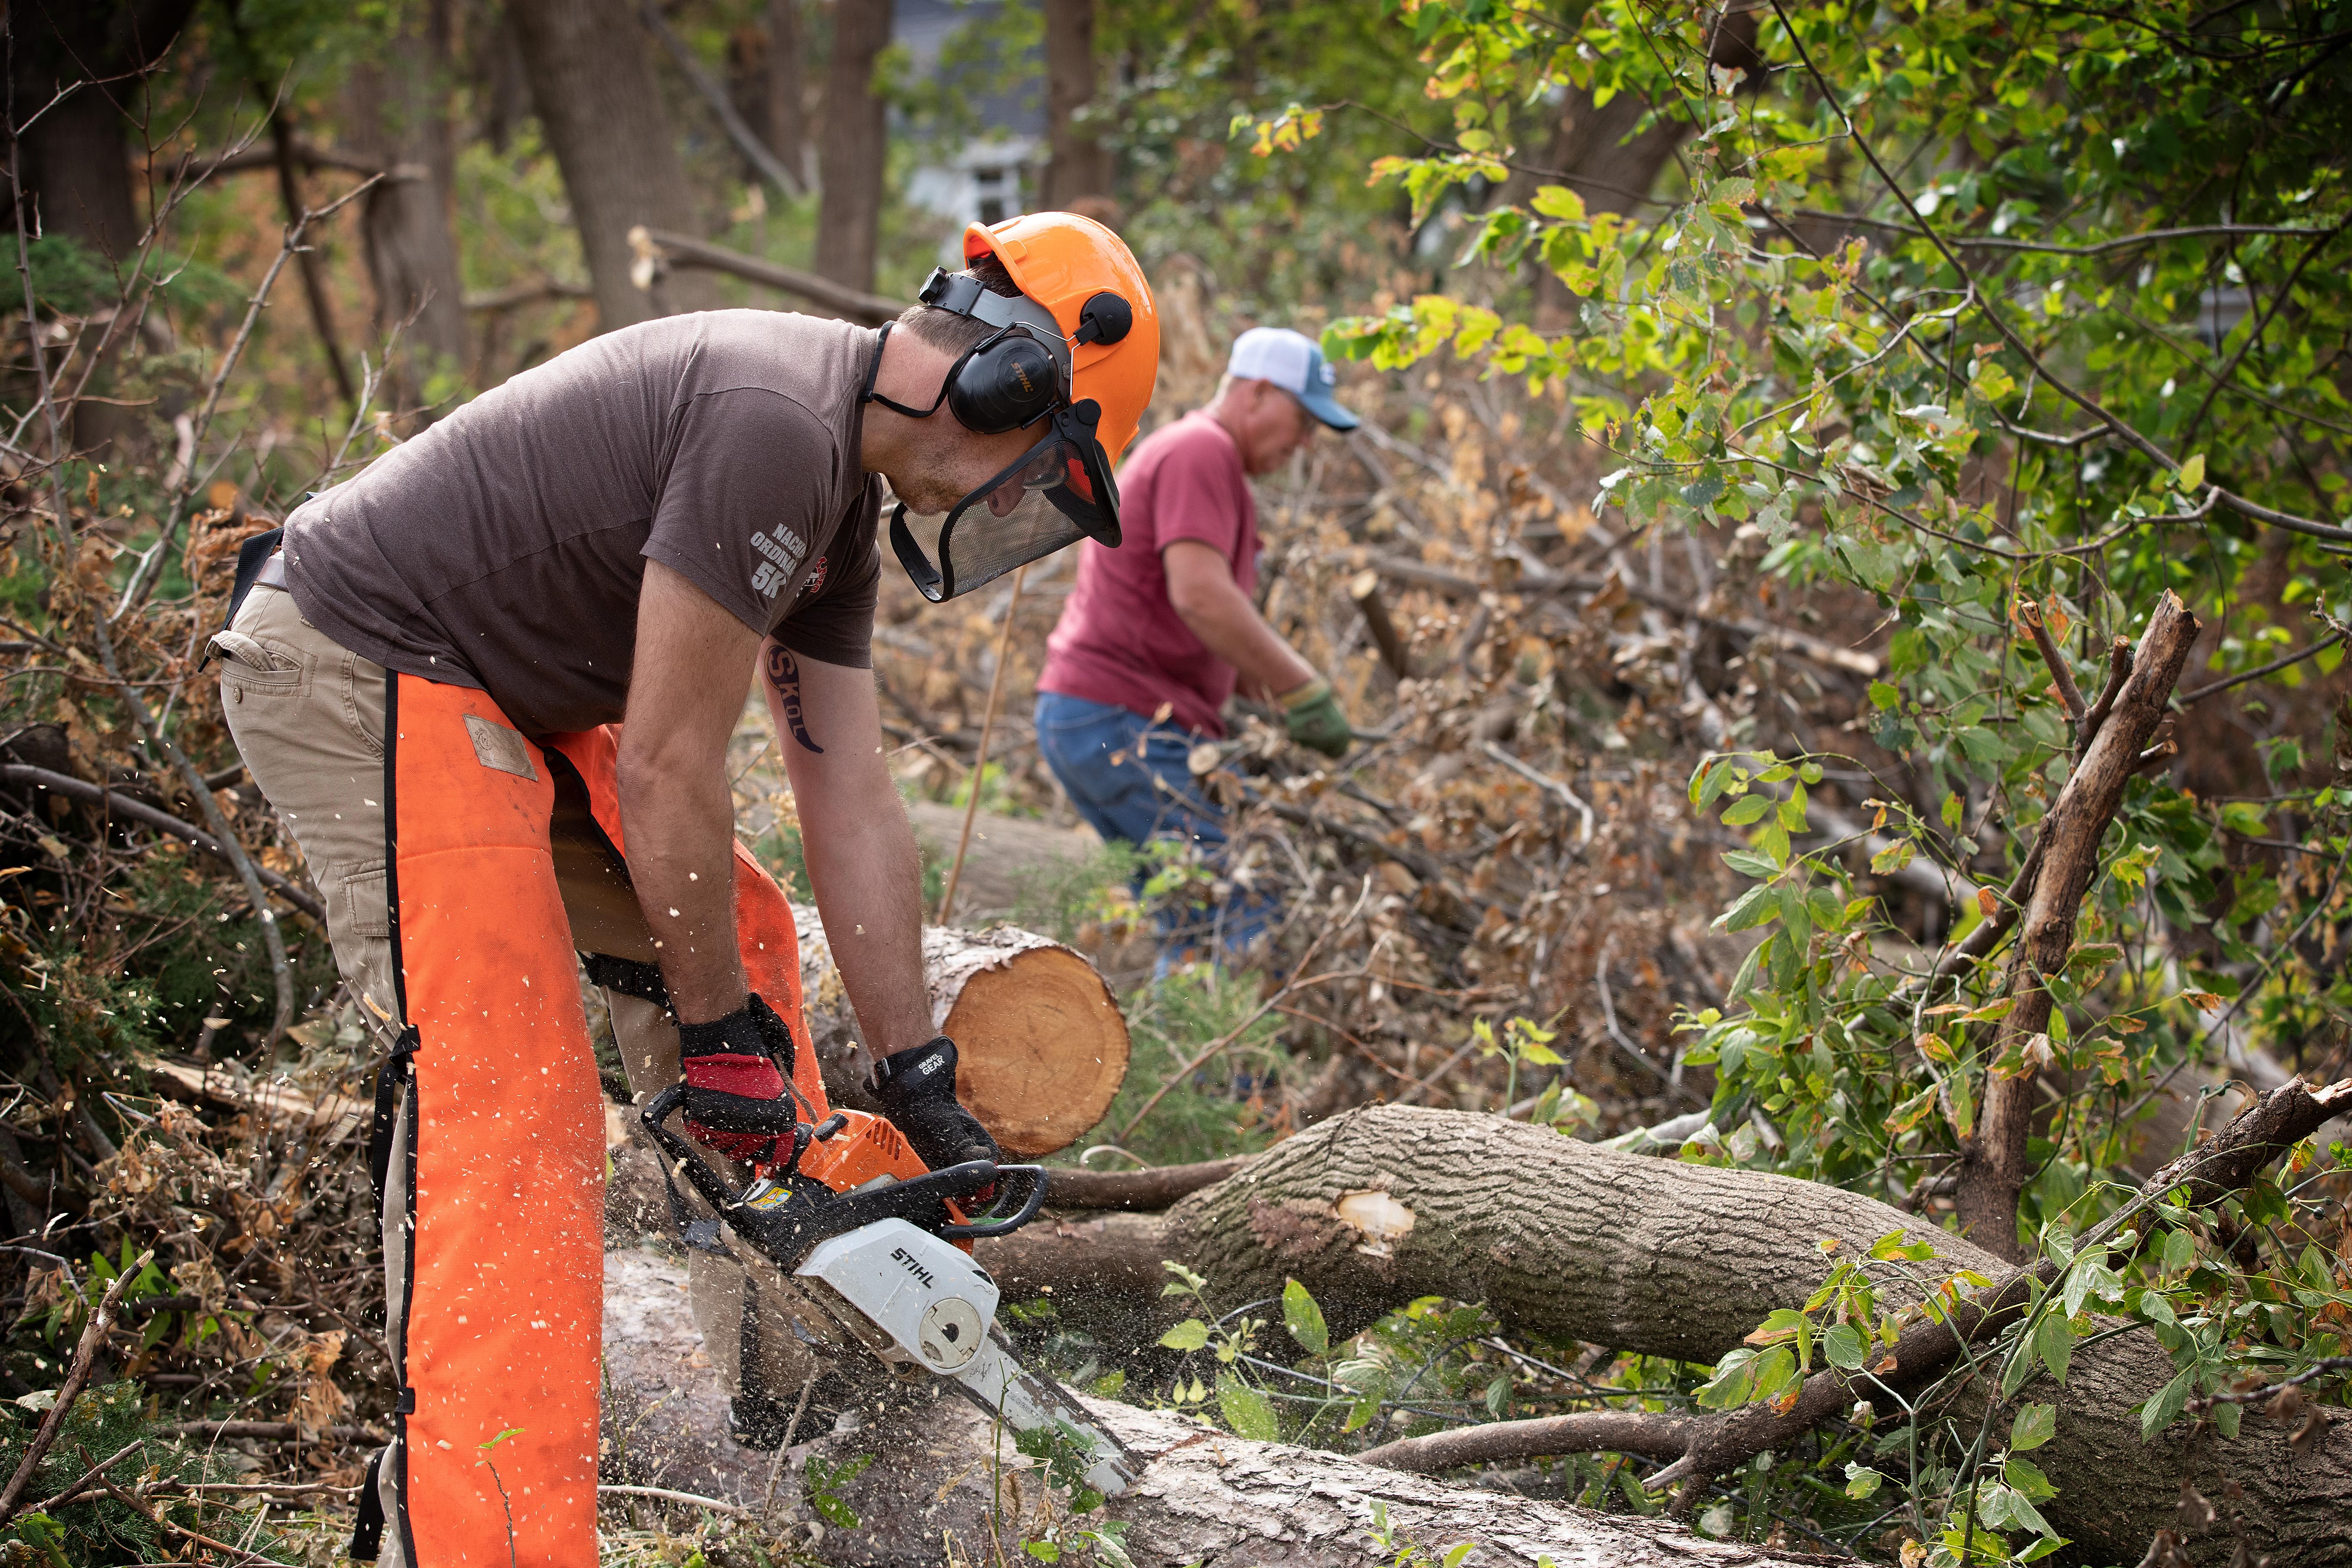 Les bénévoles méthodistes unis Darren Garrett (à l'avant) et Dale Krohn utilisent des tronçonneuses pour défricher les arbres tombés dans une maison à Cedar Rapids, Iowa, après un « derecho » (une puissante ligne d'orages violents) d'août 2020. Photo de Mike DuBose, UM News.